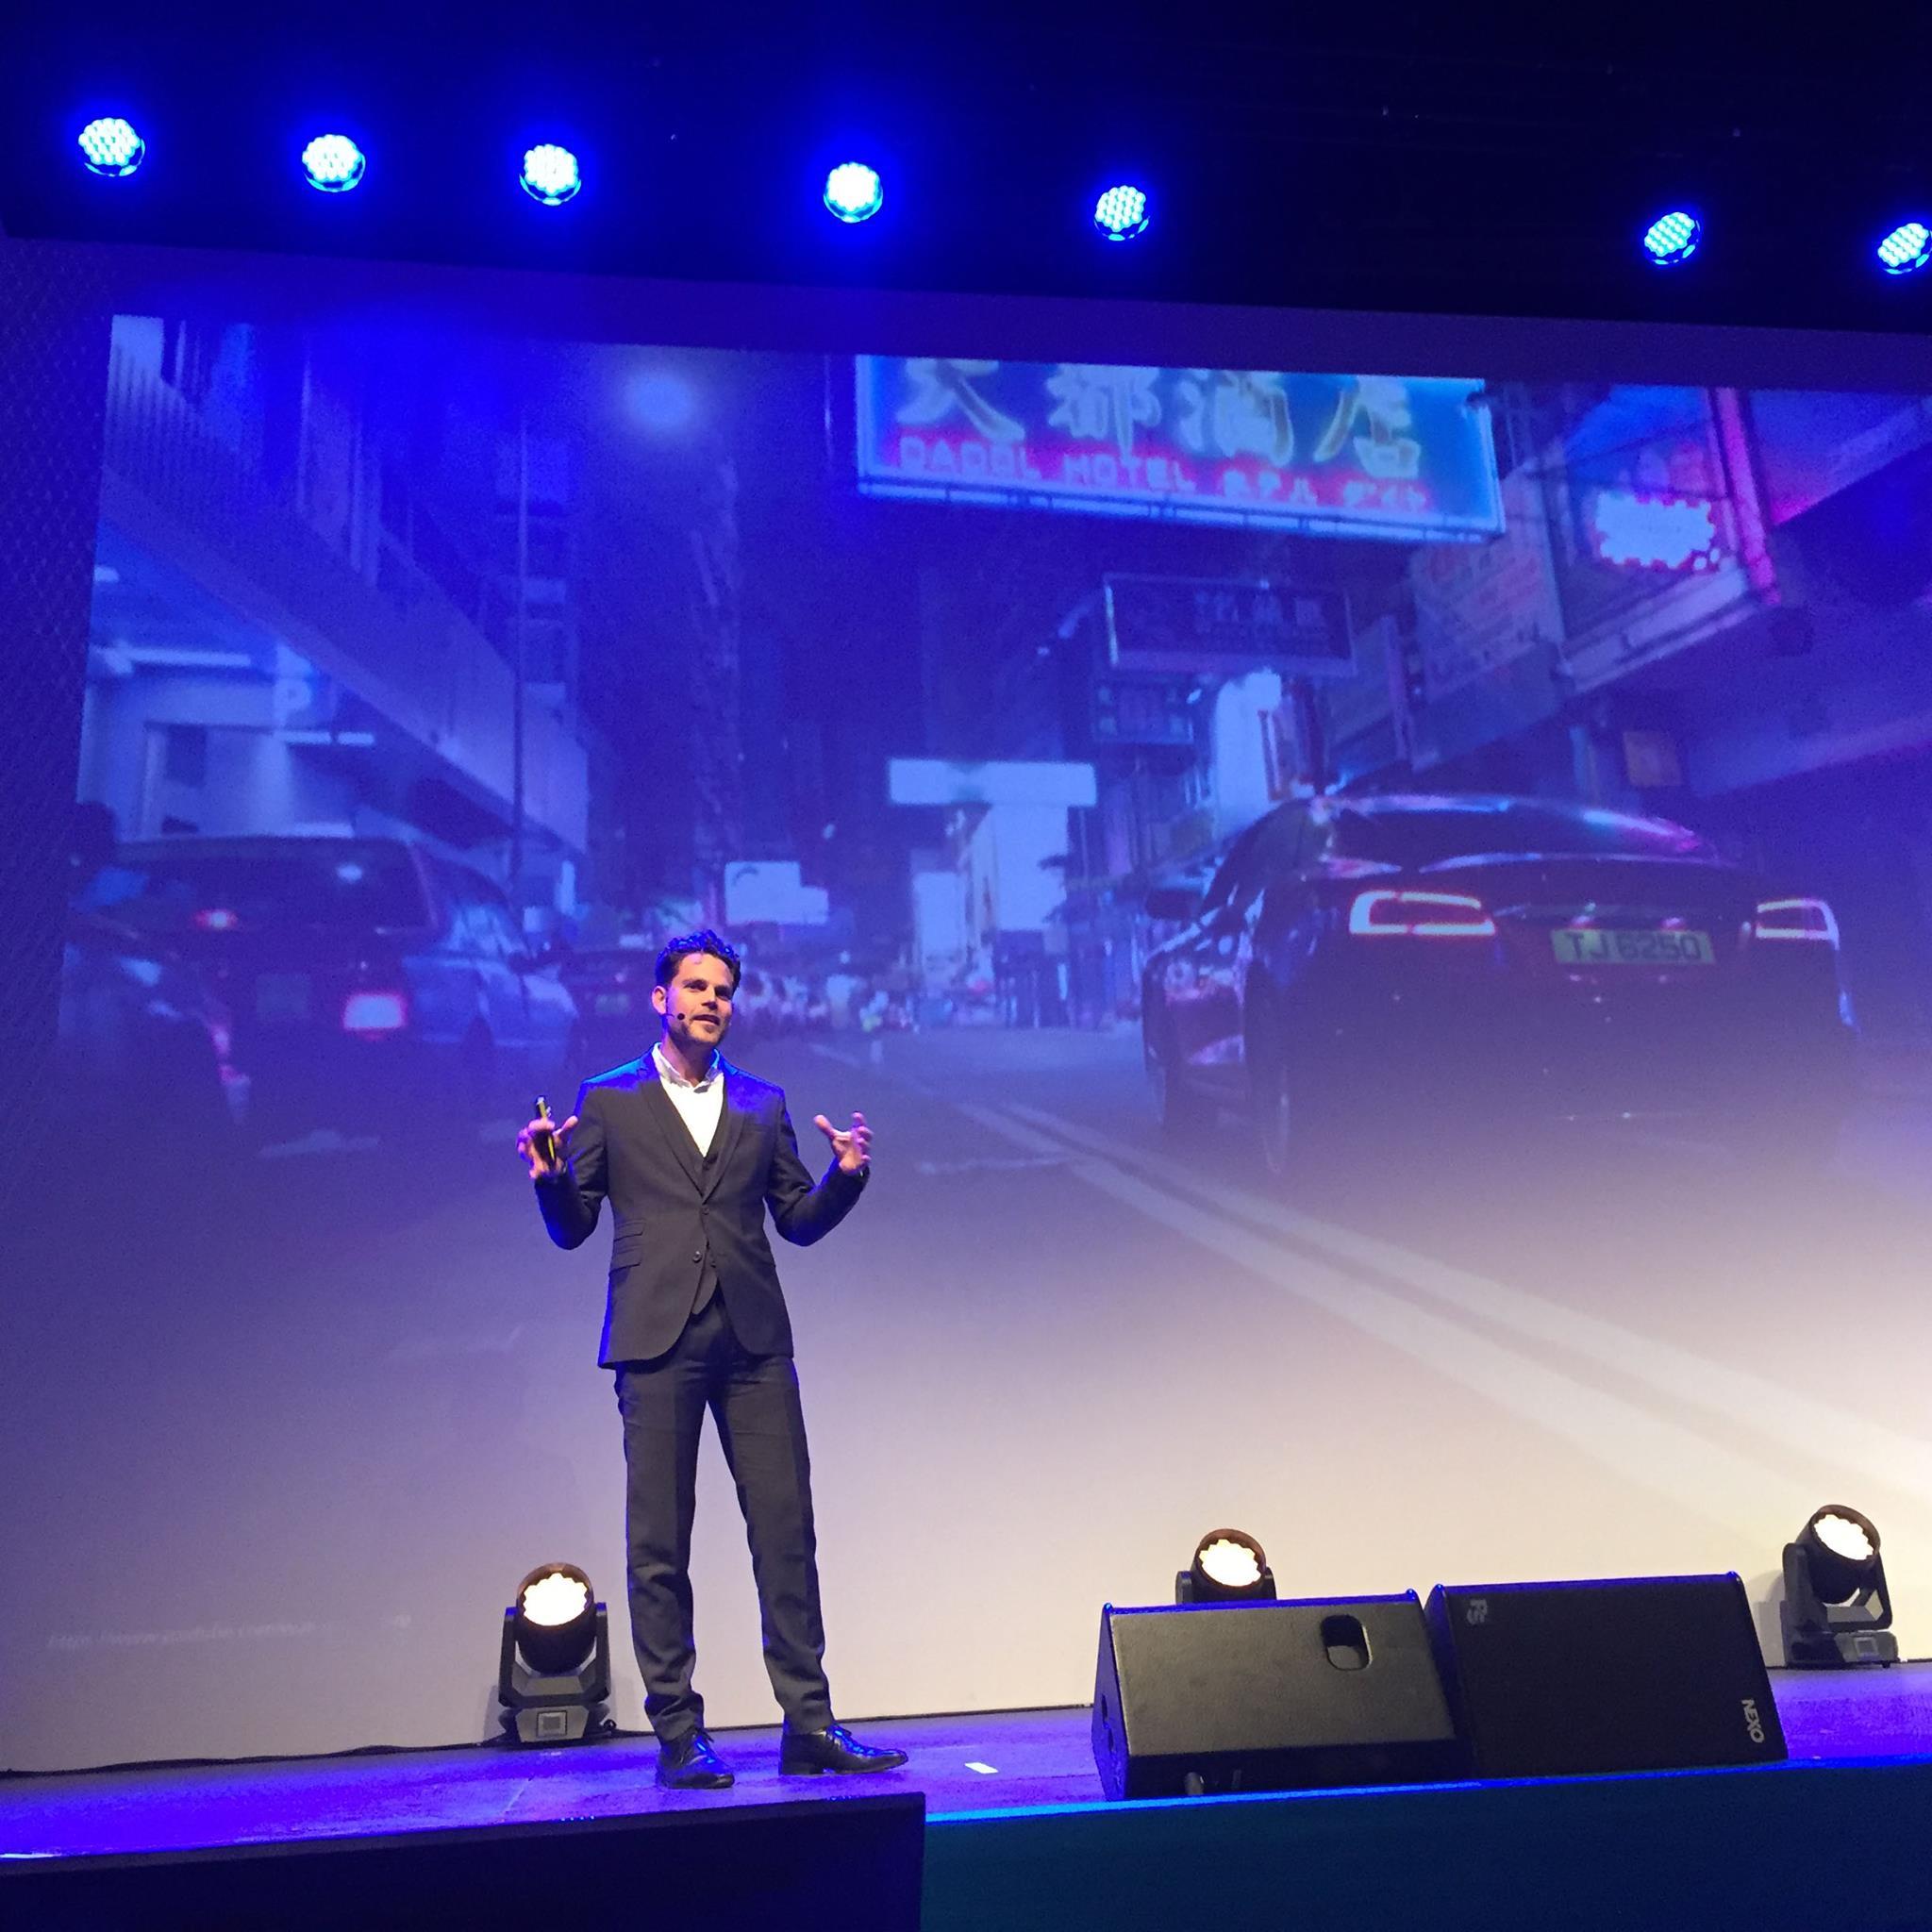 Paul Versteeg speaking at Dutch Design Week 2016